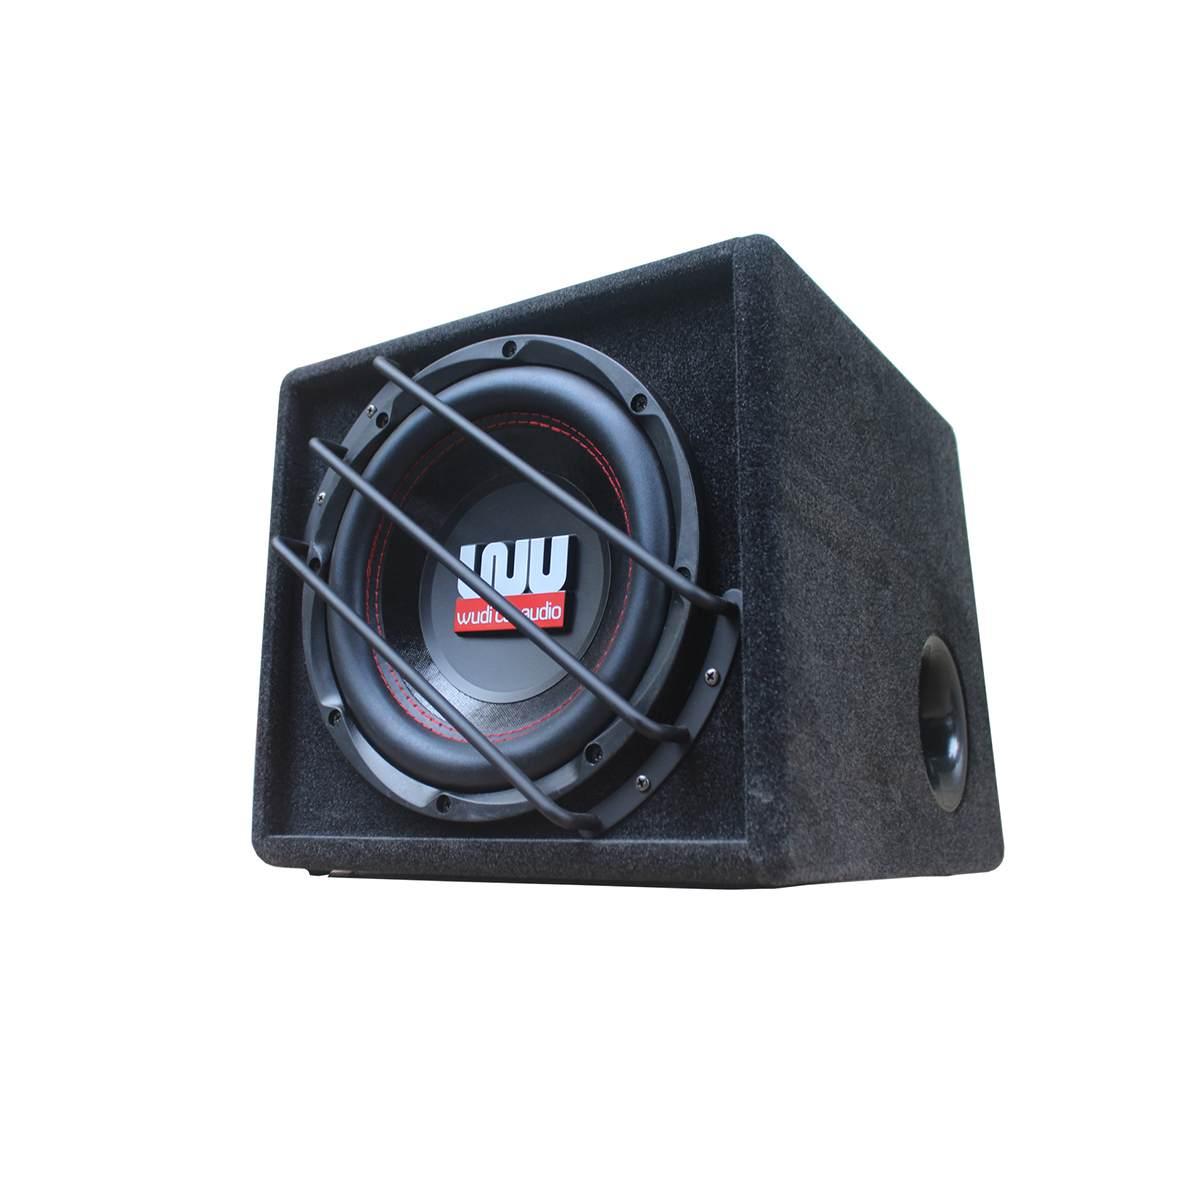 10 дюймов 1200 Вт автомобильный сабвуфер Мощный сабвуфер автомобильный динамик Авто супер бас автомобильный аудио динамик активный сабвуфер